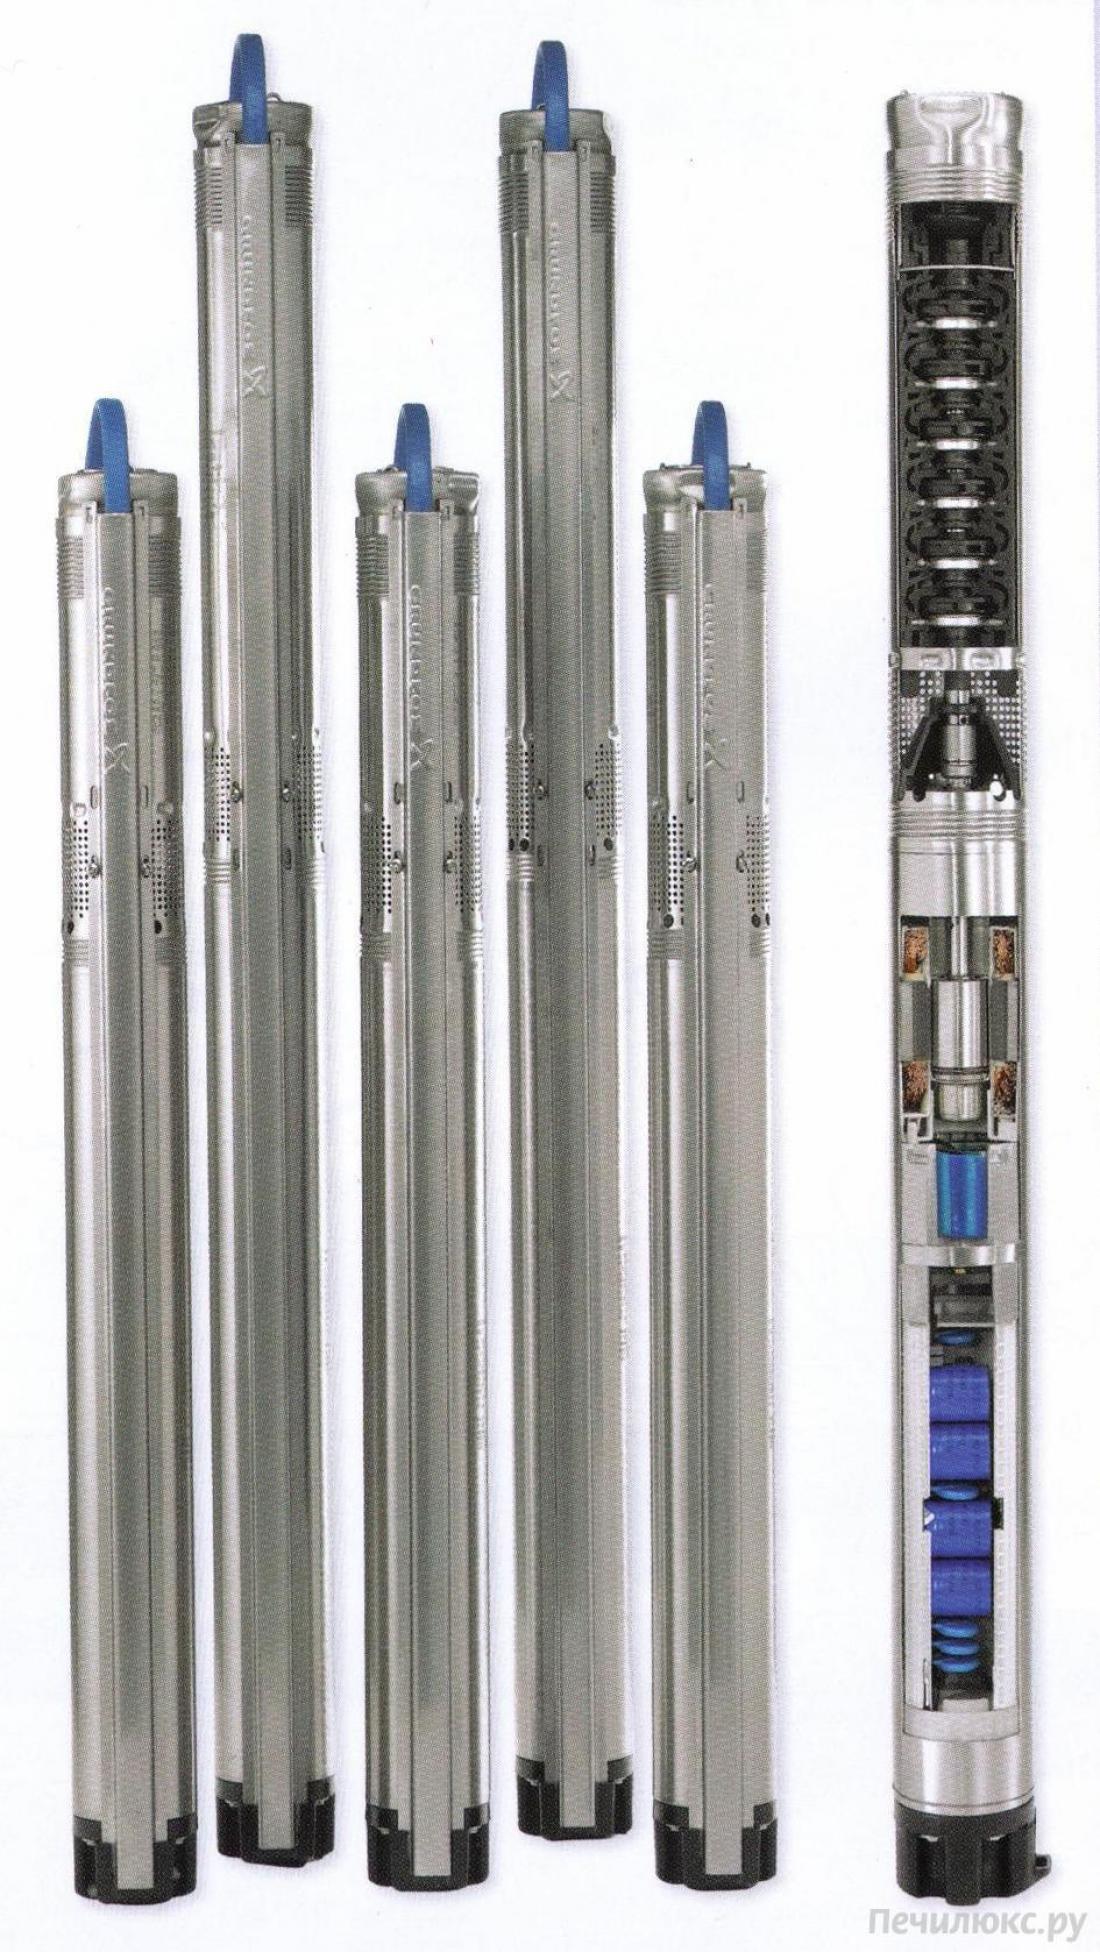 SQE 7- 40     1.68kW 200-240V 50/60Hz